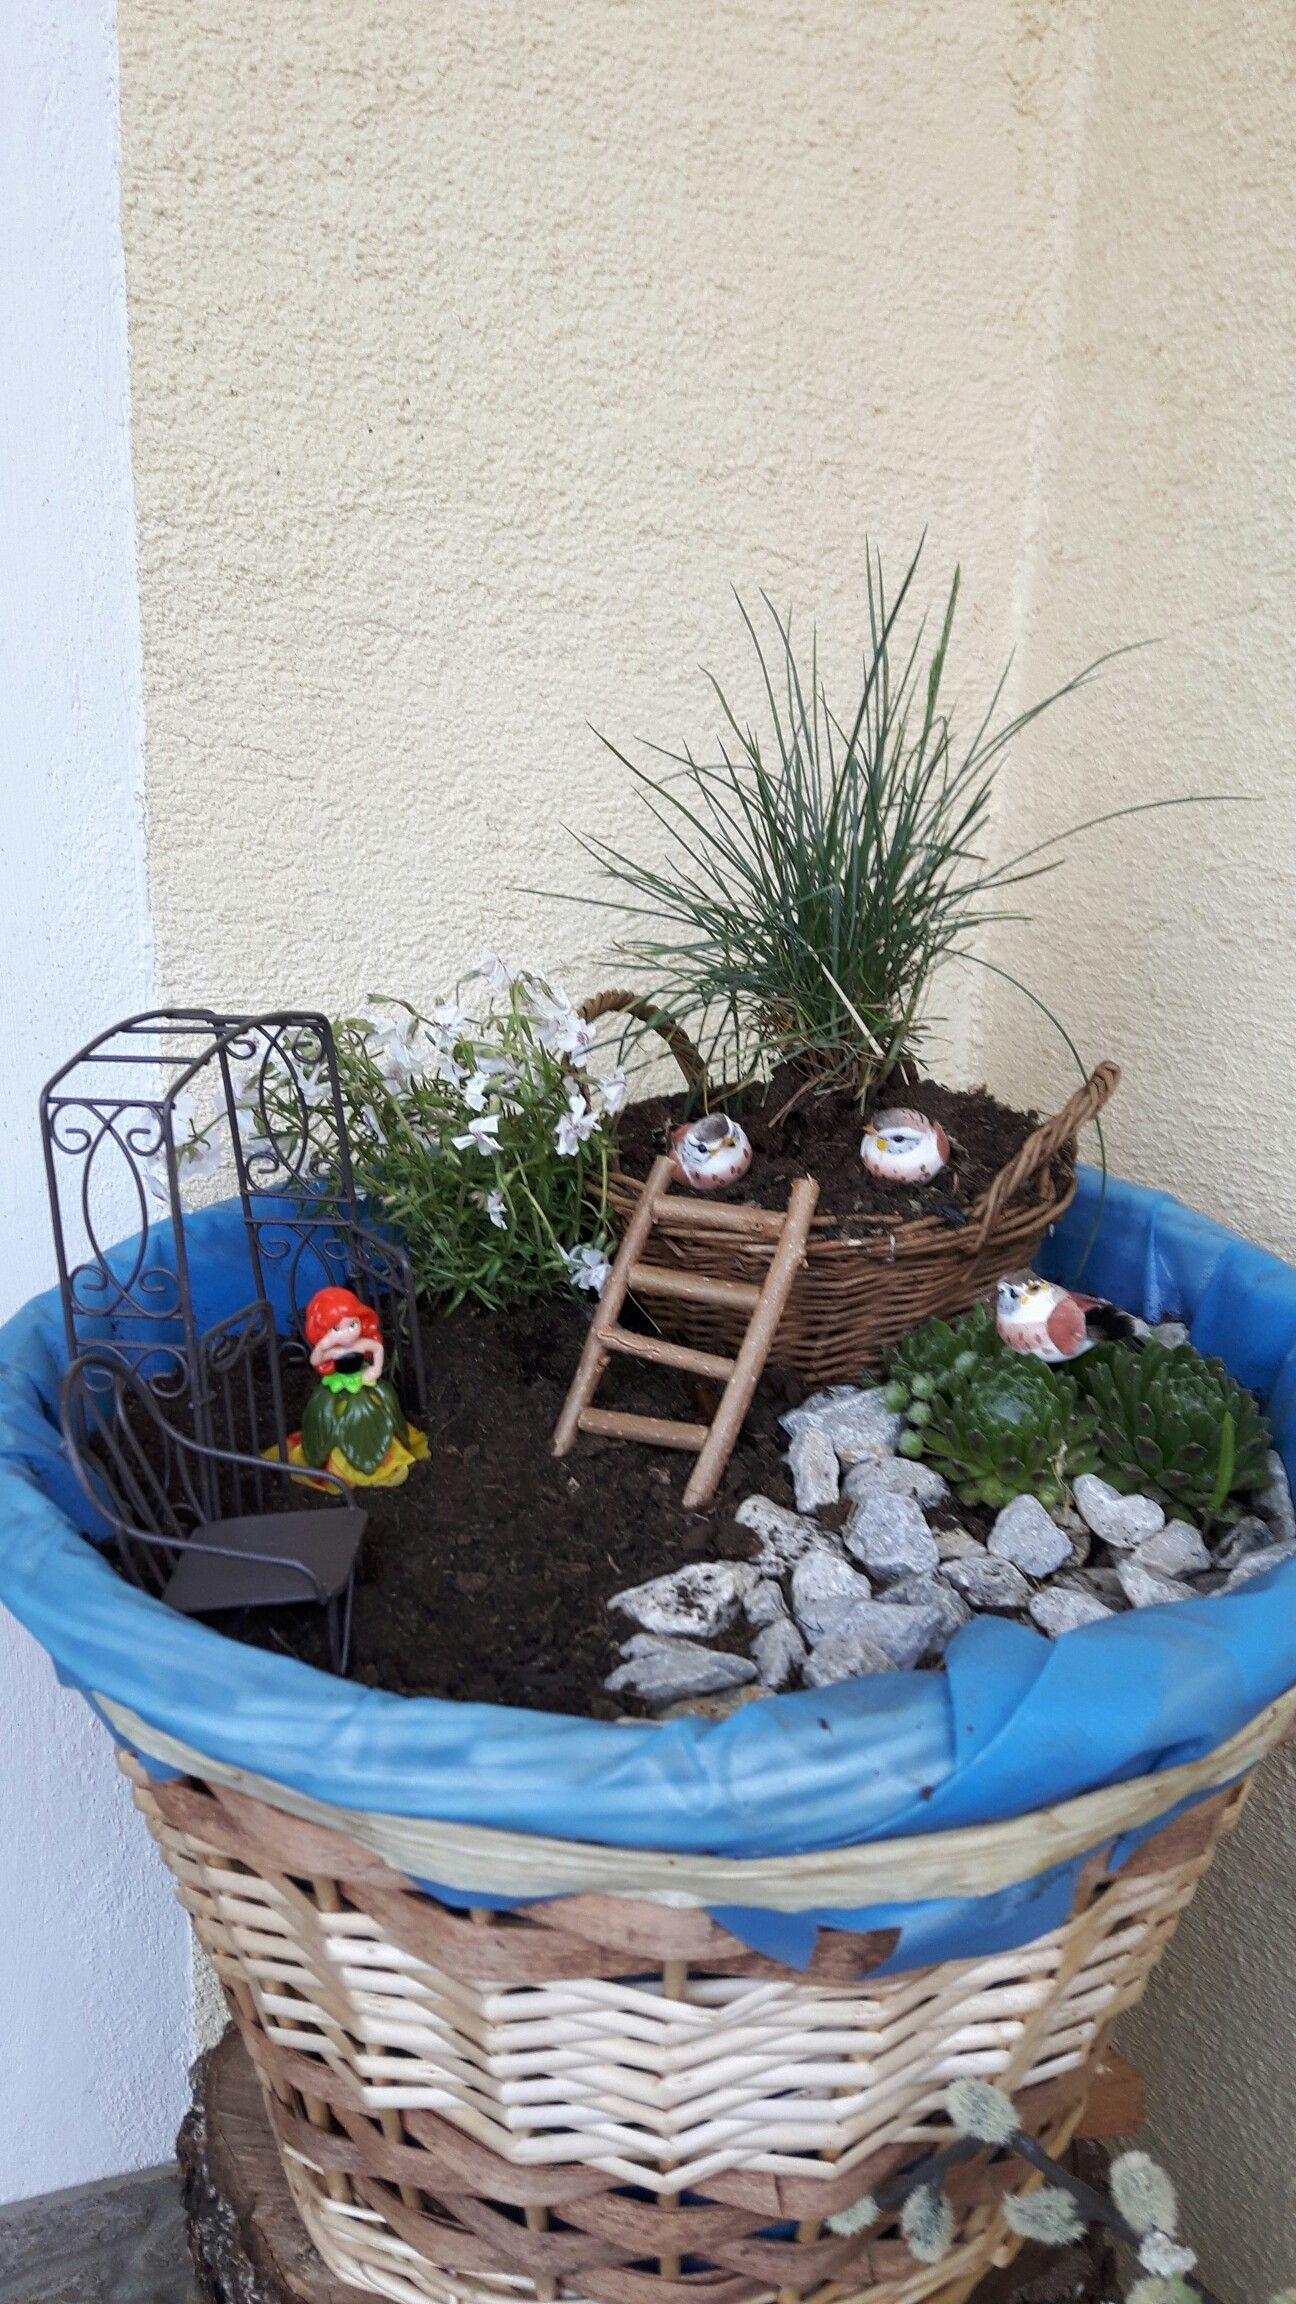 Mein erster kleiner Minigarten